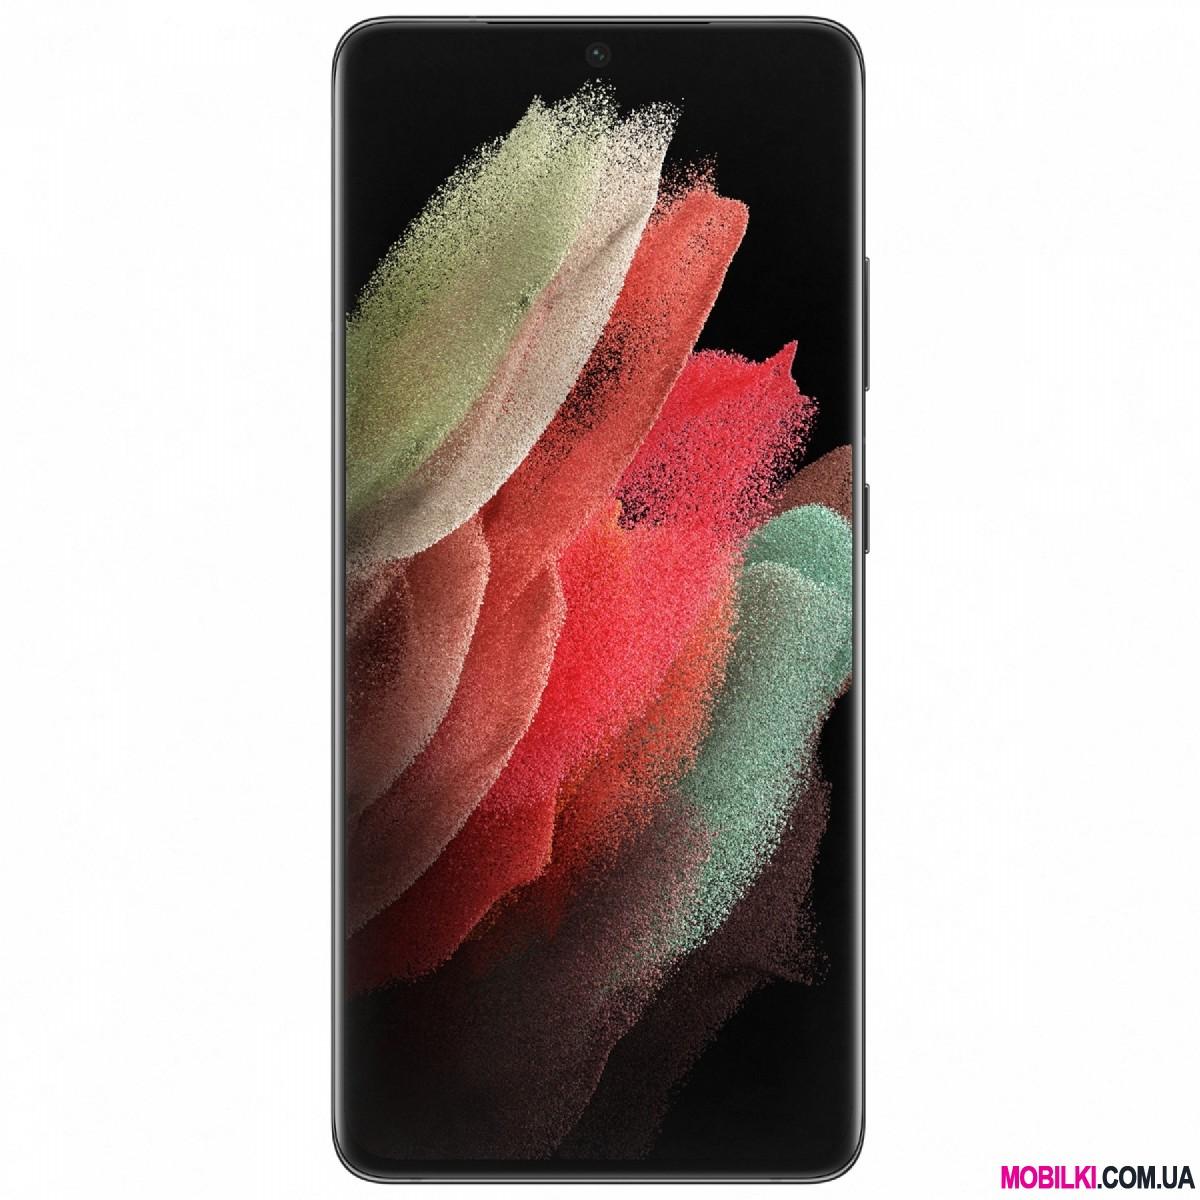 Samsung Galaxy S21 Ultra 12/128Gb